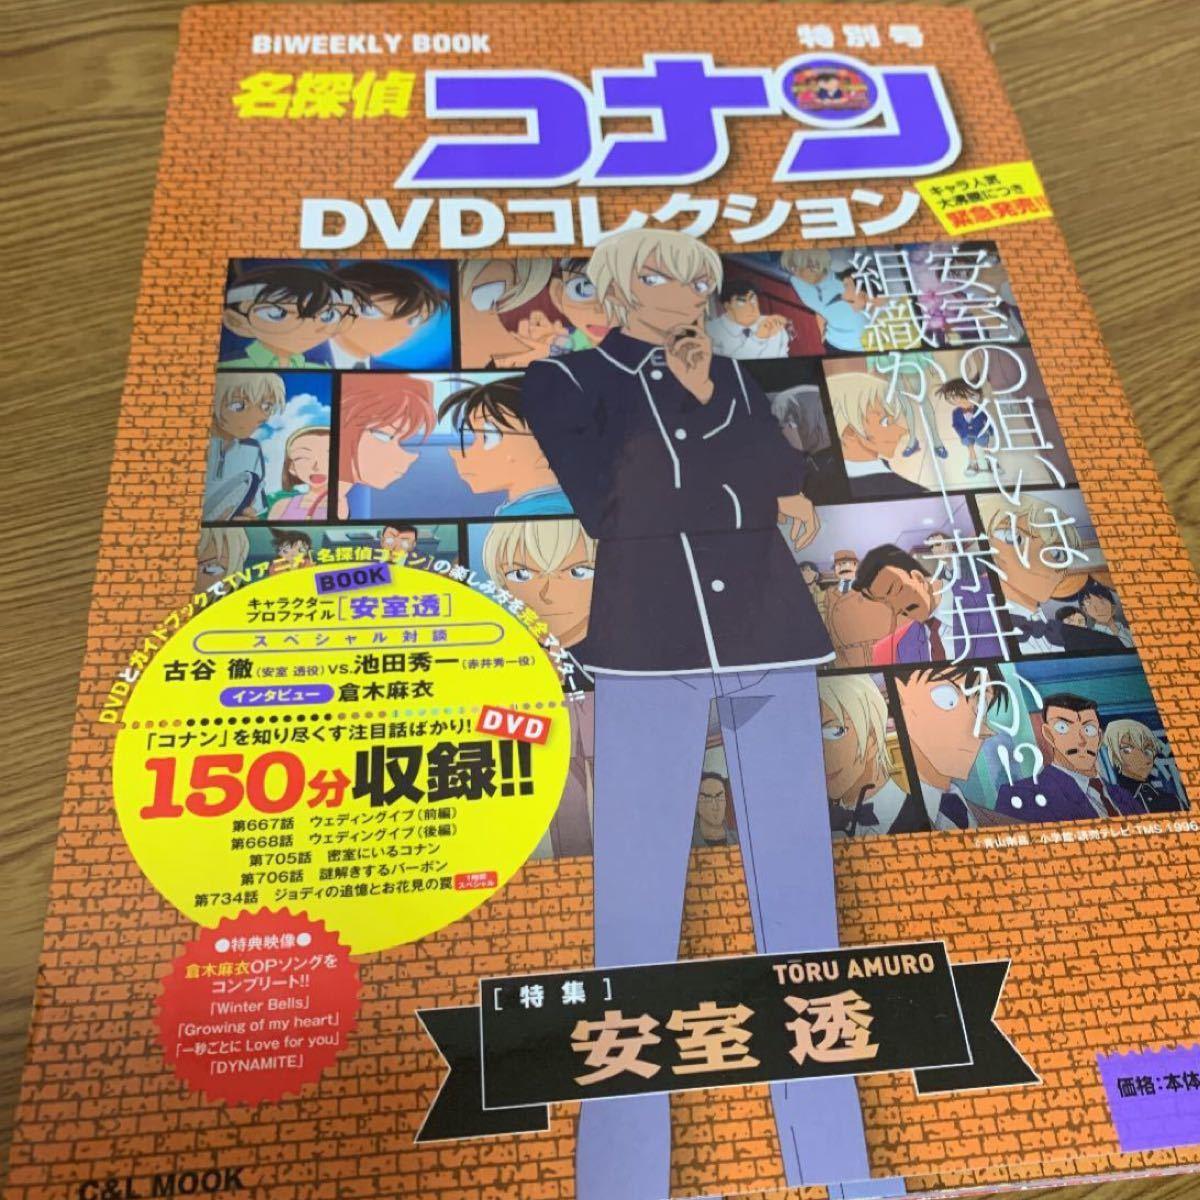 名探偵コナン 安室透 DVD 名探偵コナンDVDコレクション